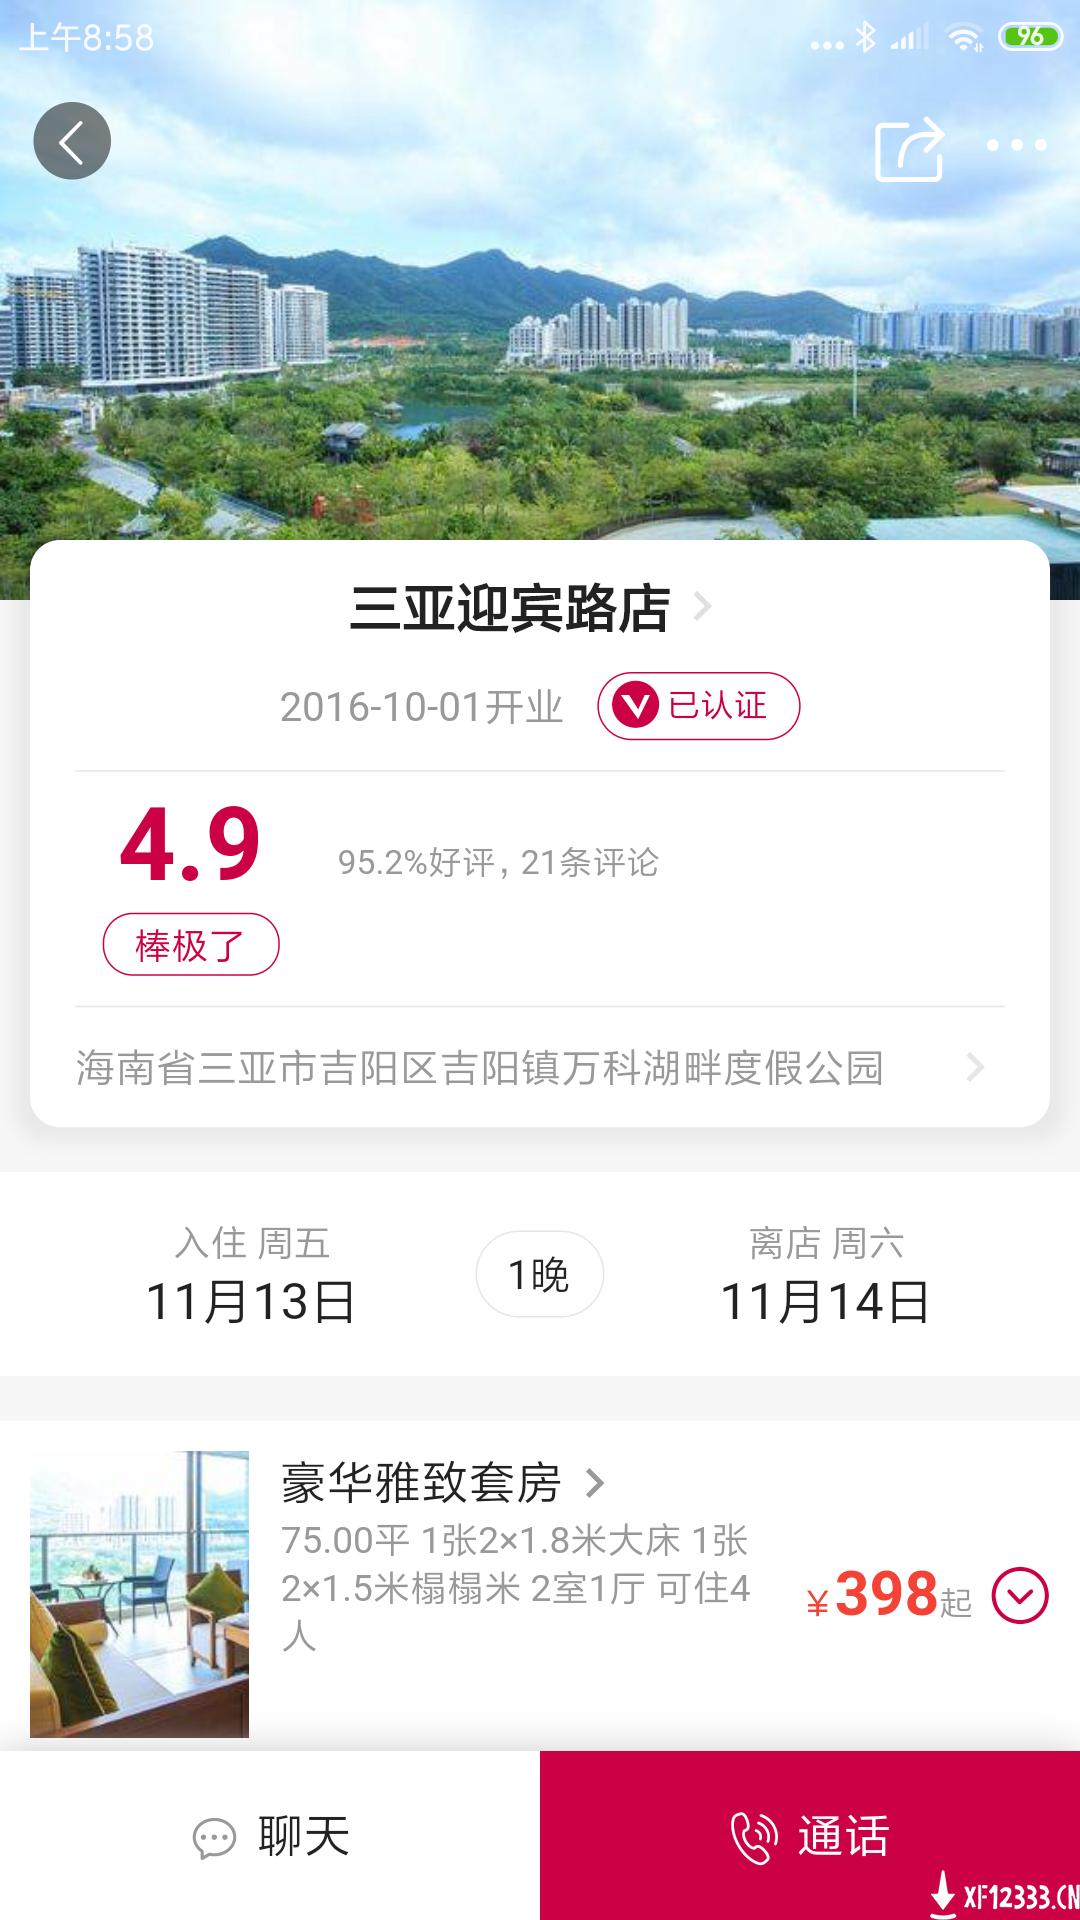 瑞逸网app下载_瑞逸网app最新版免费下载